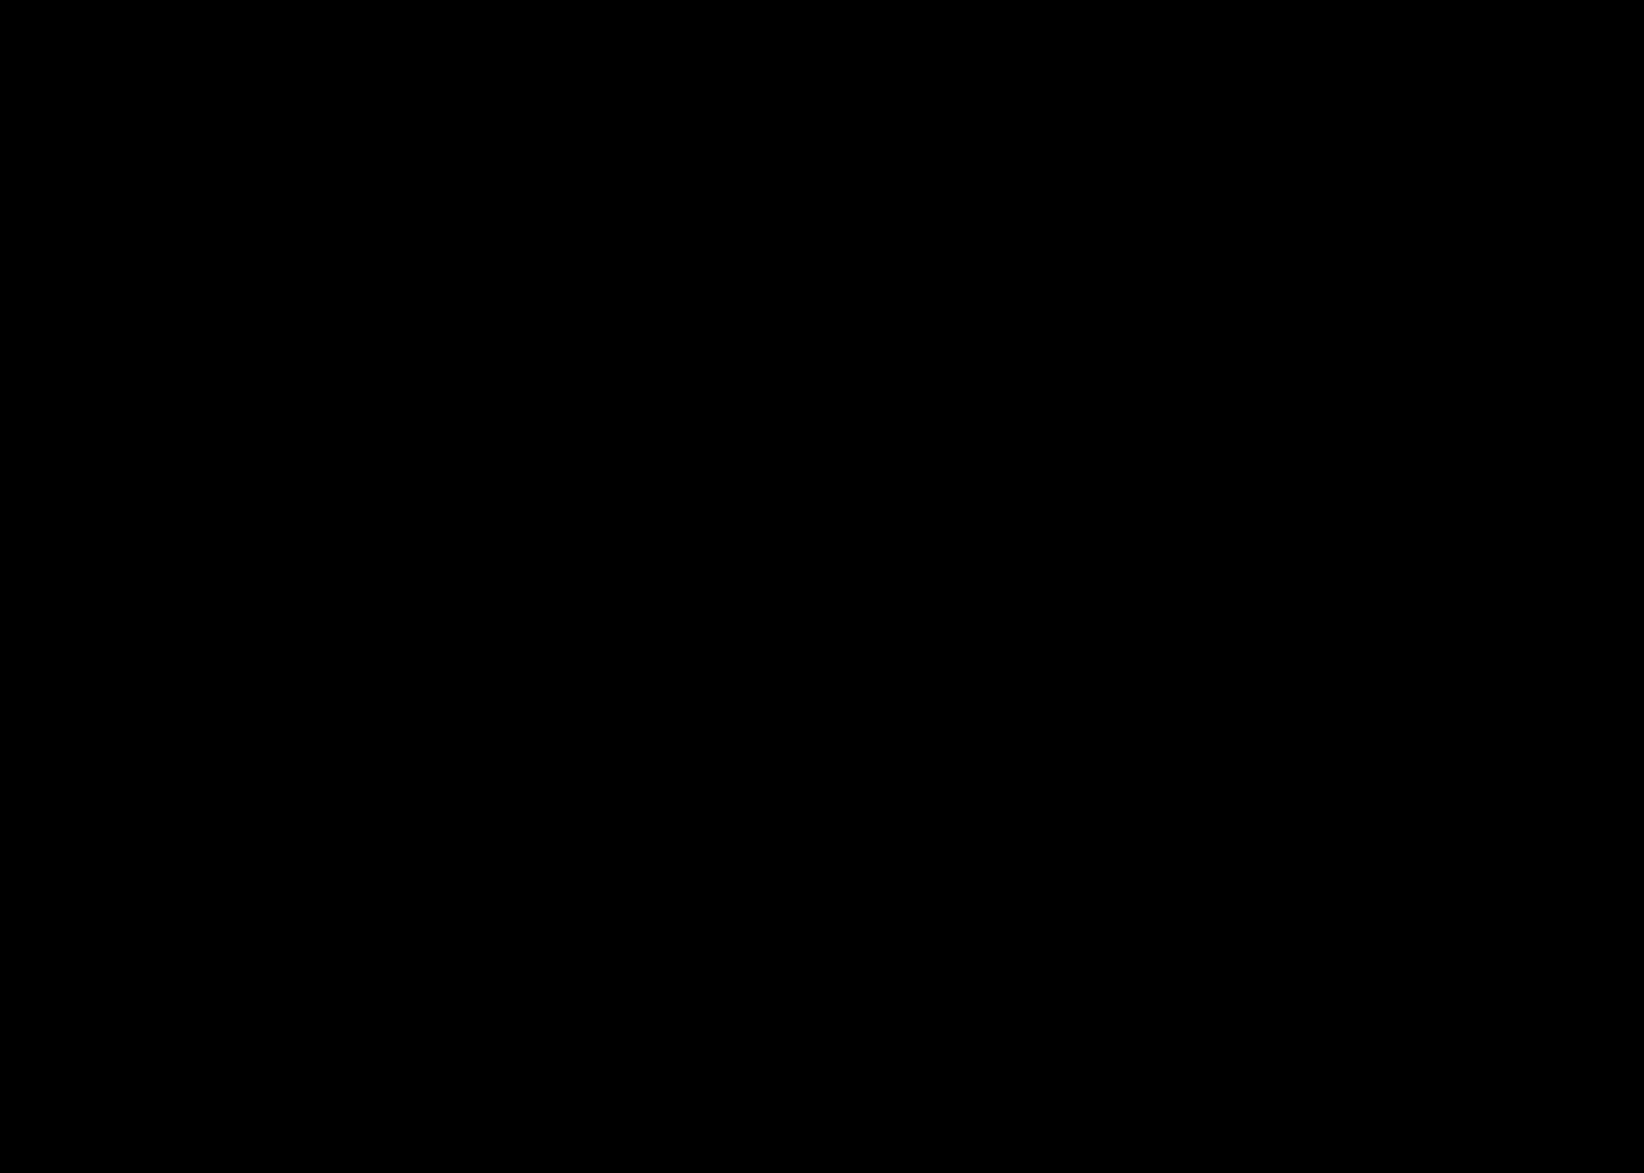 枠・飾り枠・飾り罫・飾り線(お...